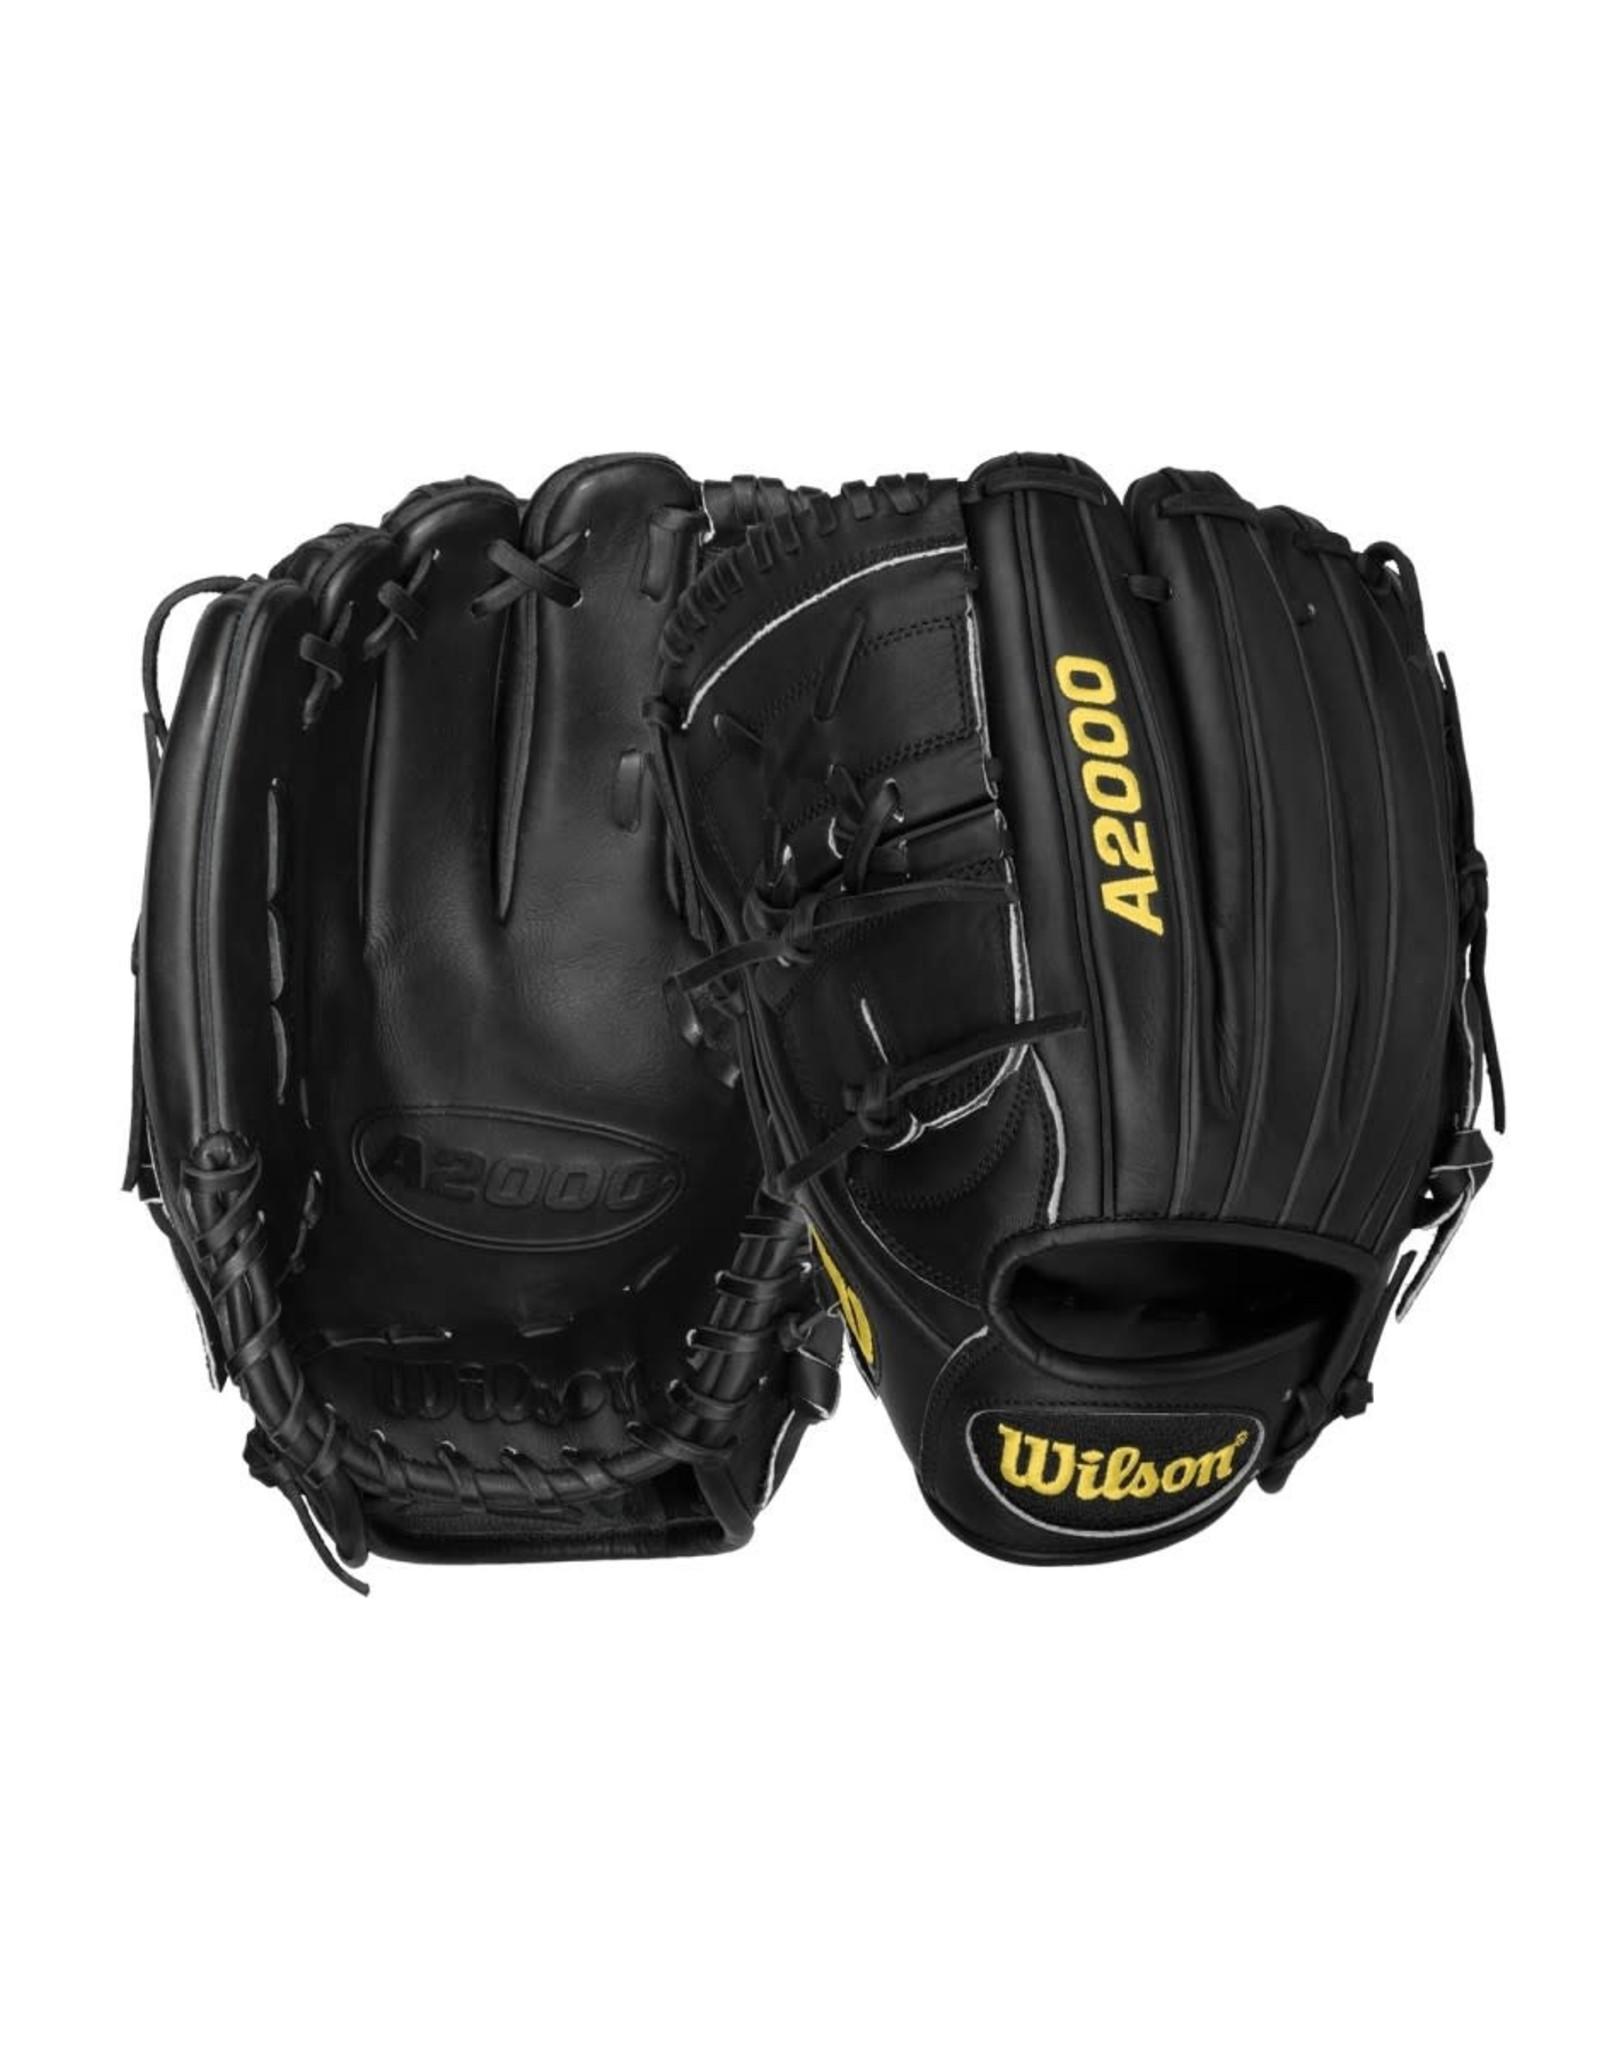 Wilson A2000 D33 11 3/4